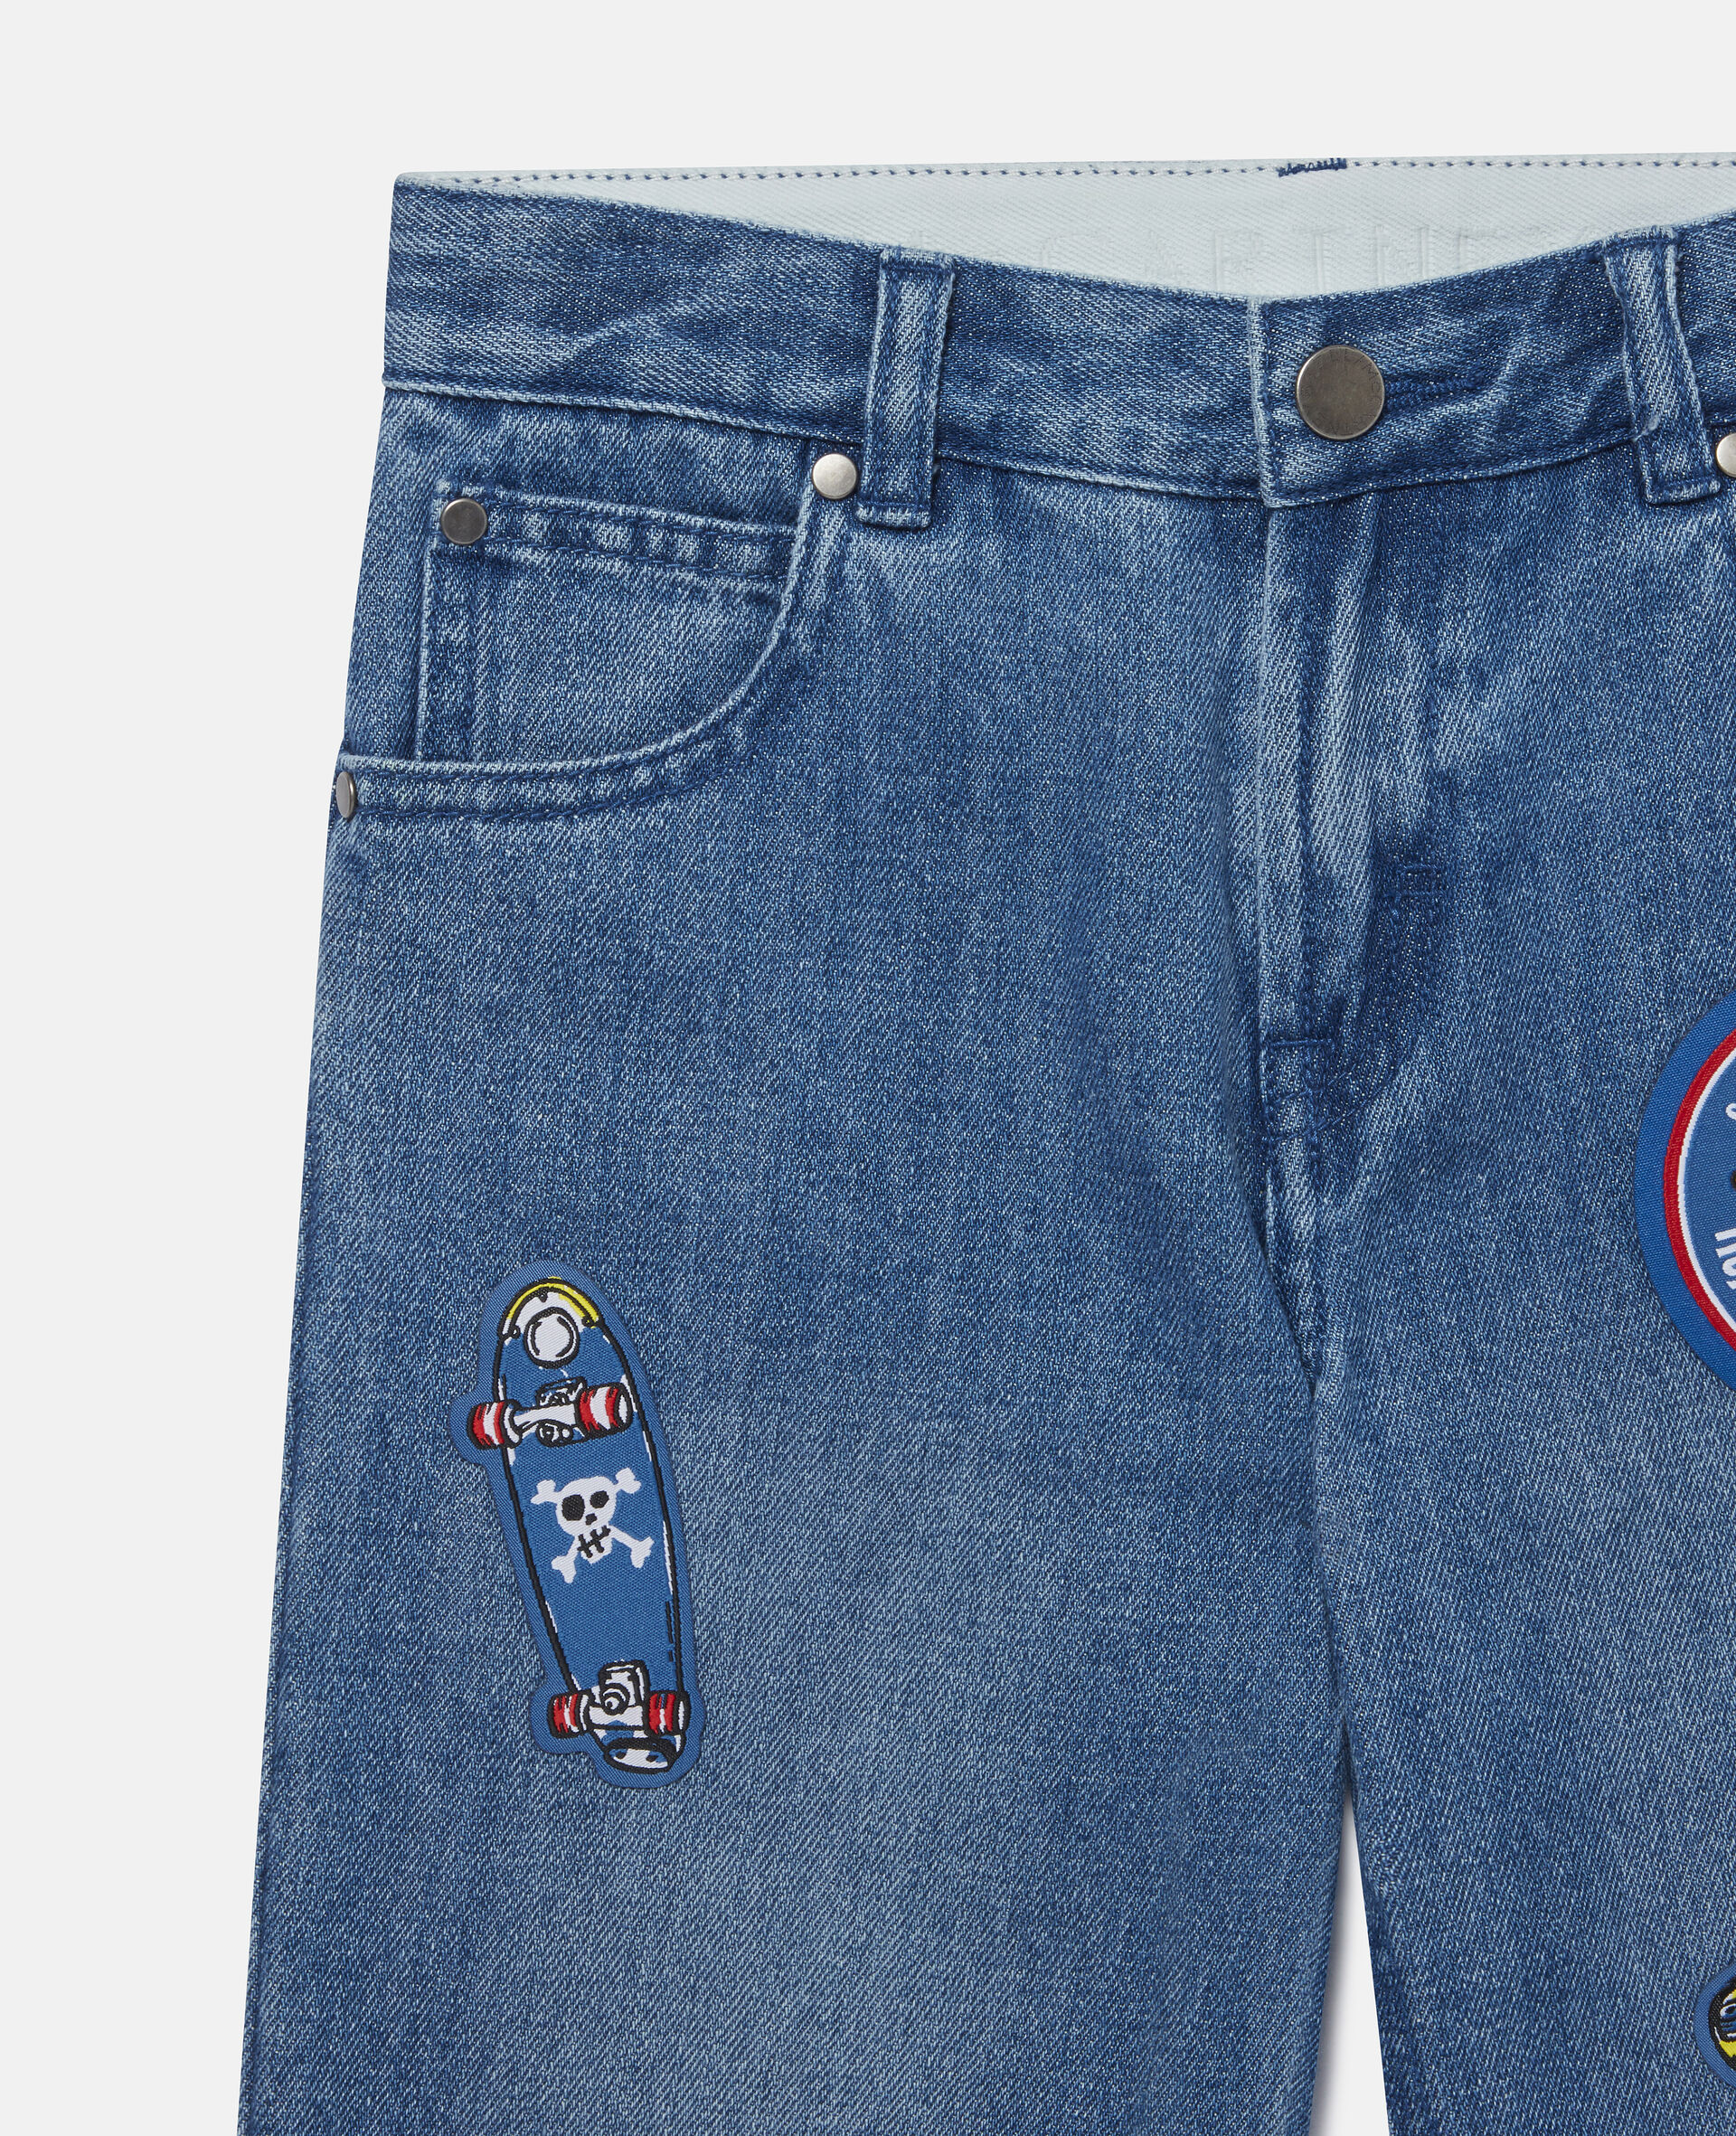 Skates Badges Denim Shorts-Blue-large image number 1